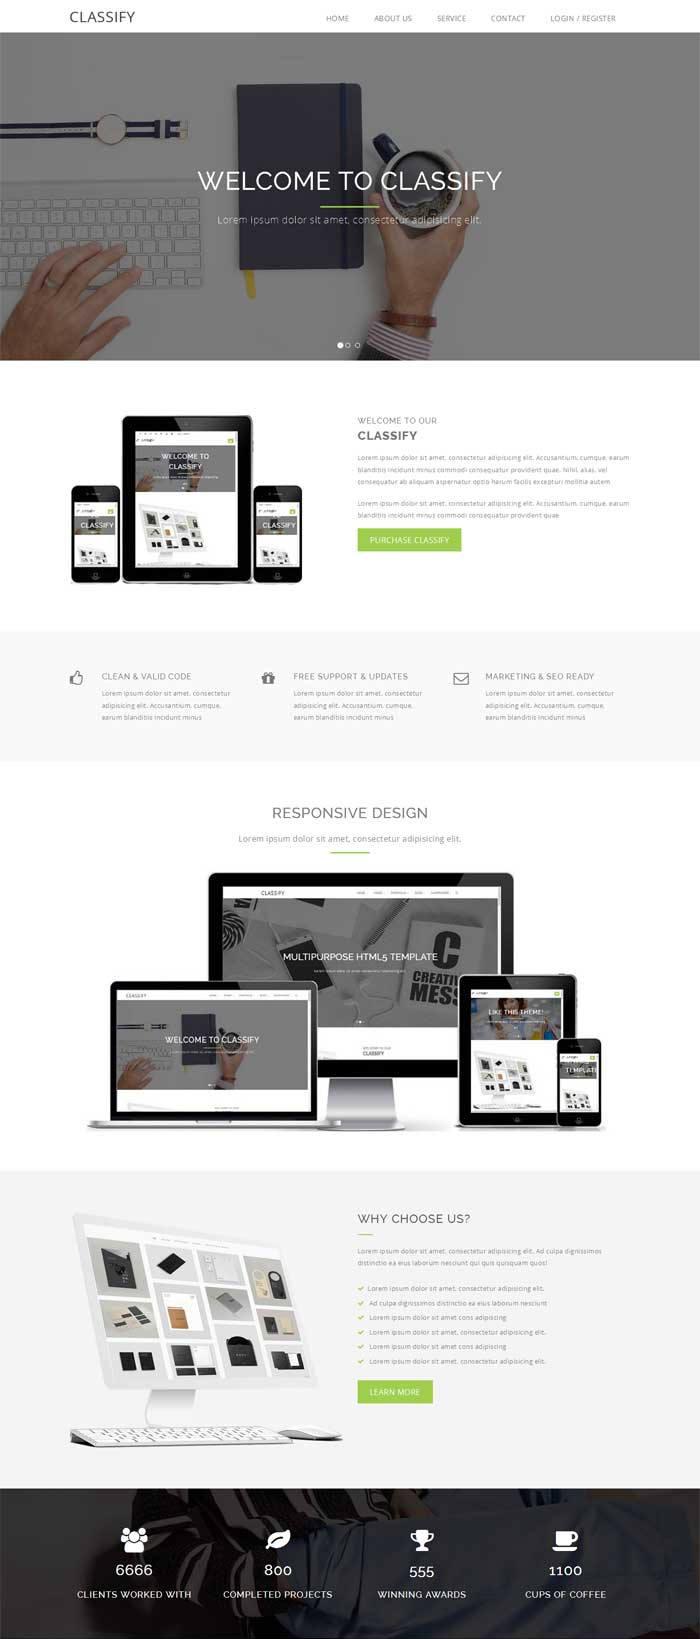 简洁宽屏的设计印刷公司网站模板下载